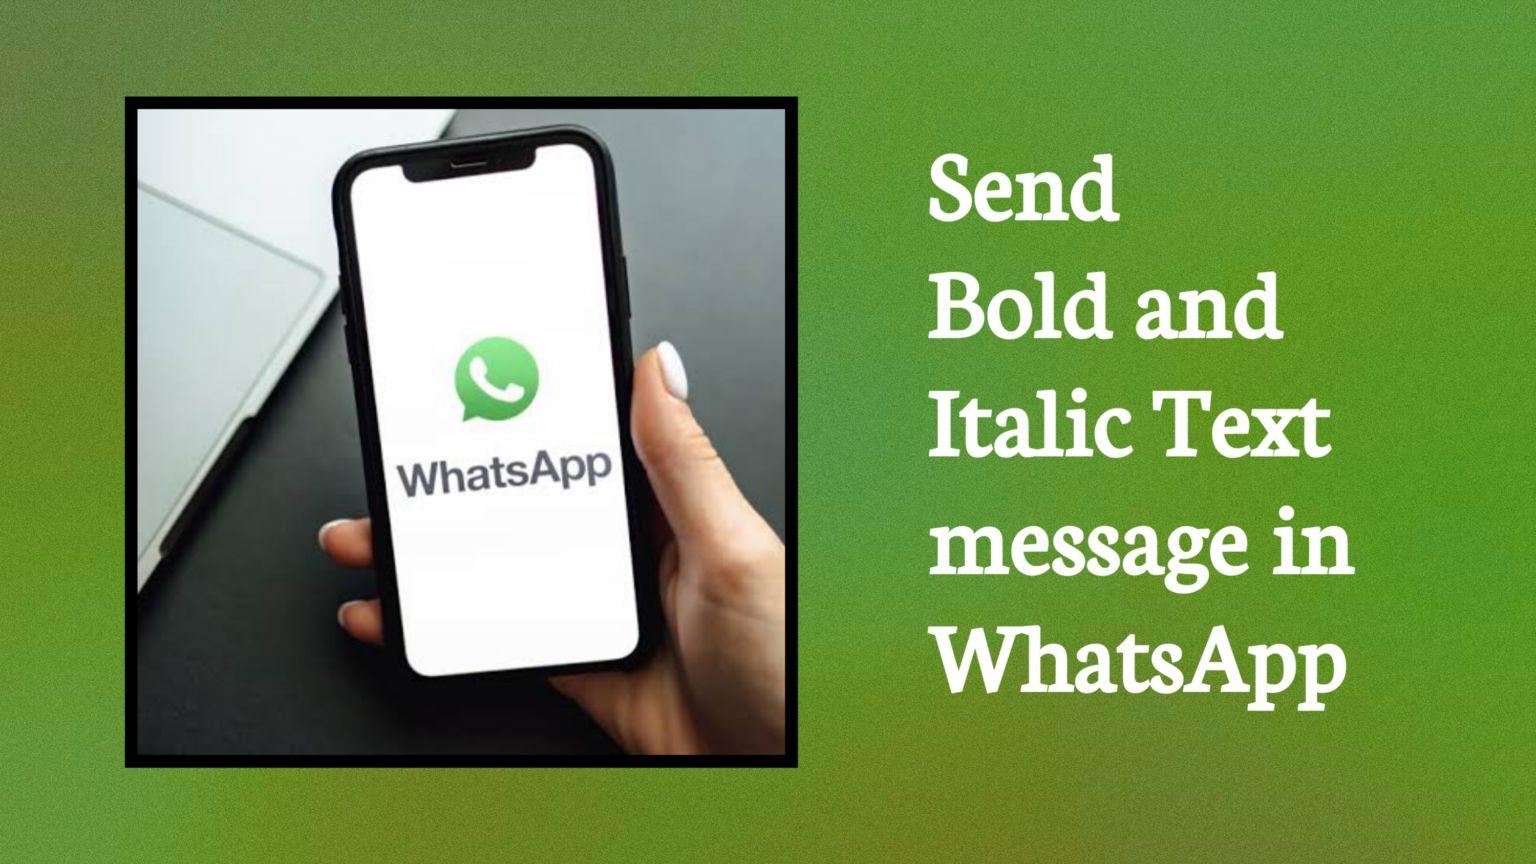 কিভাবে WhatsApp এ Bold, Italic, Strikethrough, or Monospaced Text Messages পাঠাবেন? Complete Tutorial 2021